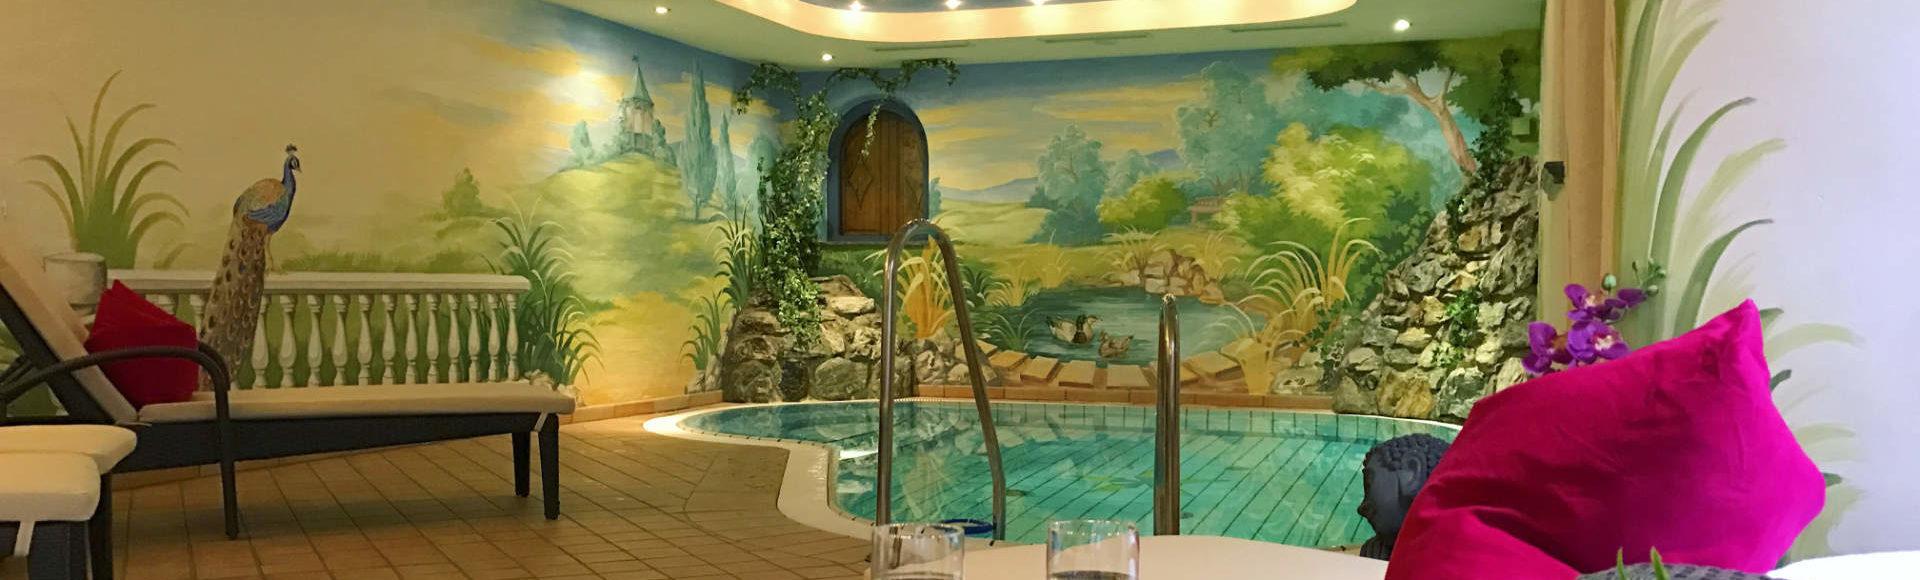 Erlebnis-Pool · Wellness in Andis Skihotel in Obertauern